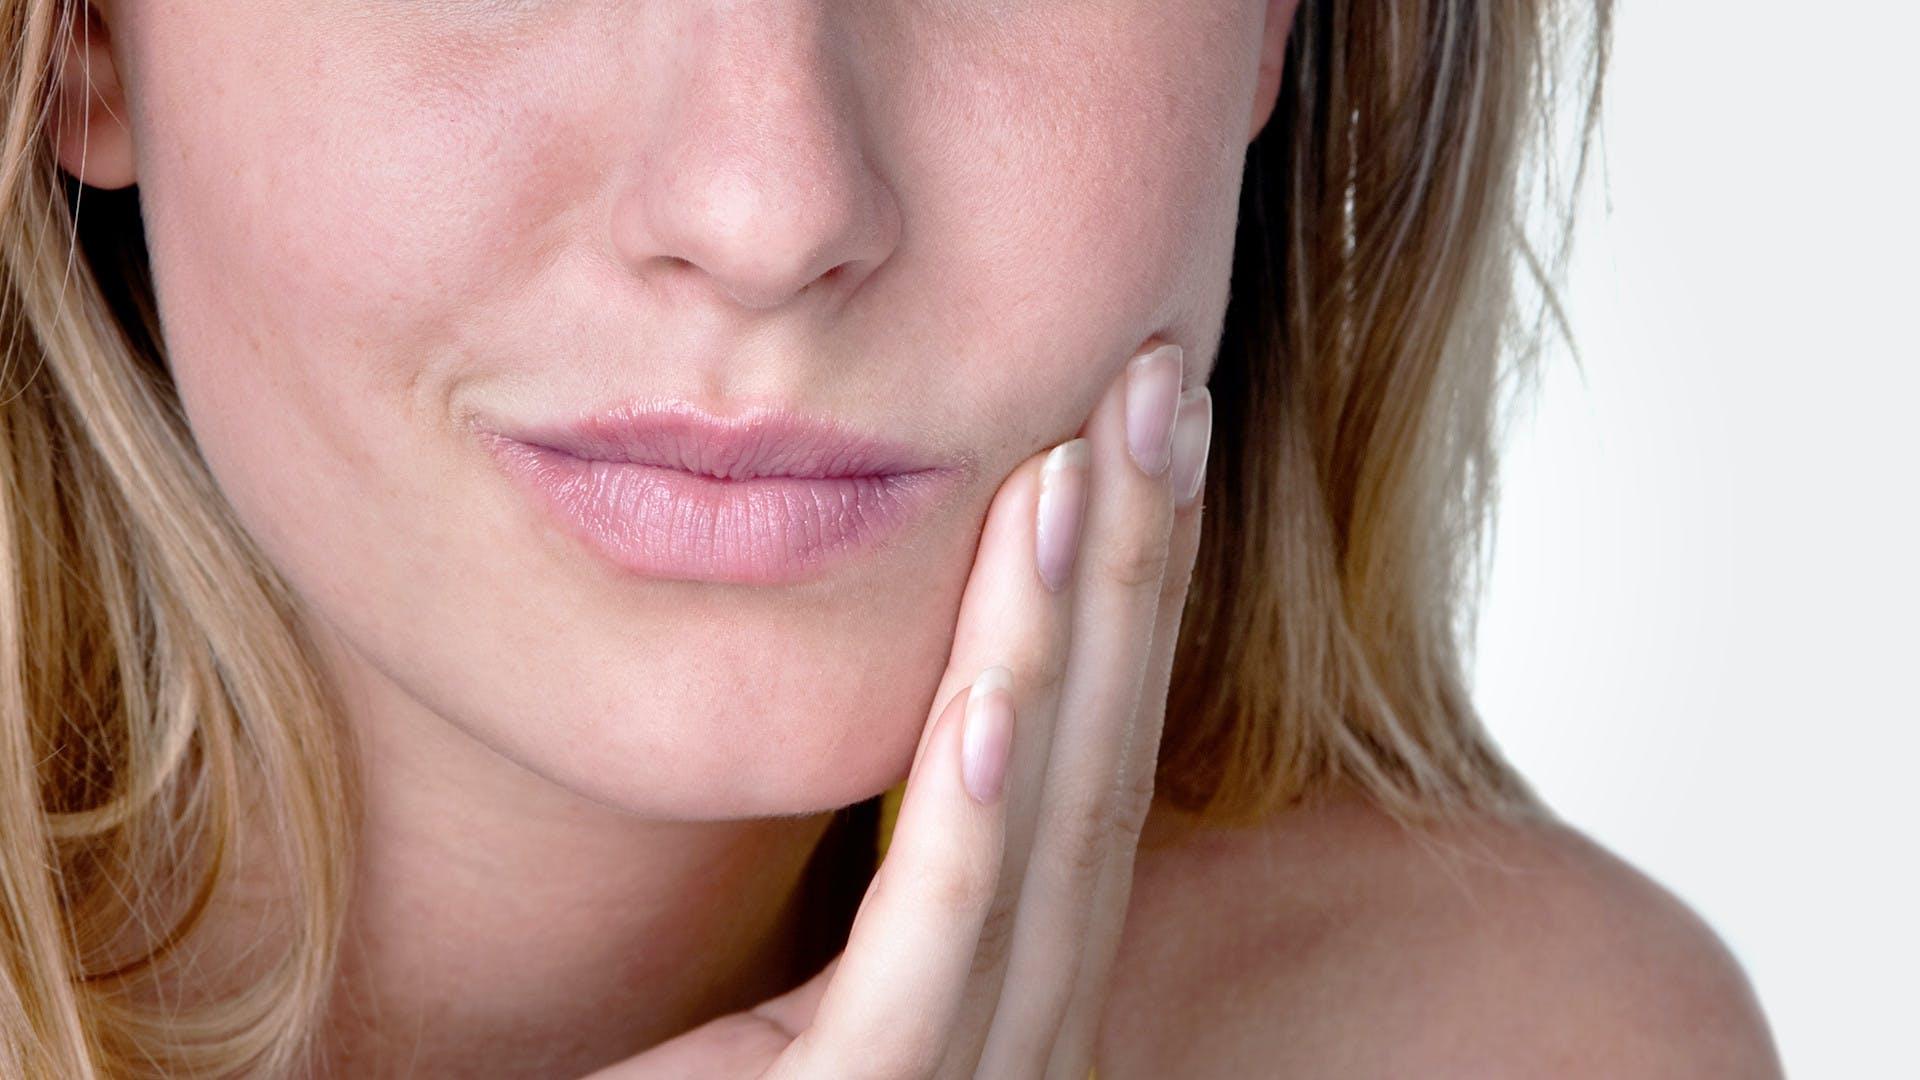 Žena, kterou trápí aft v ústech a sahá si na bolestivou tvář